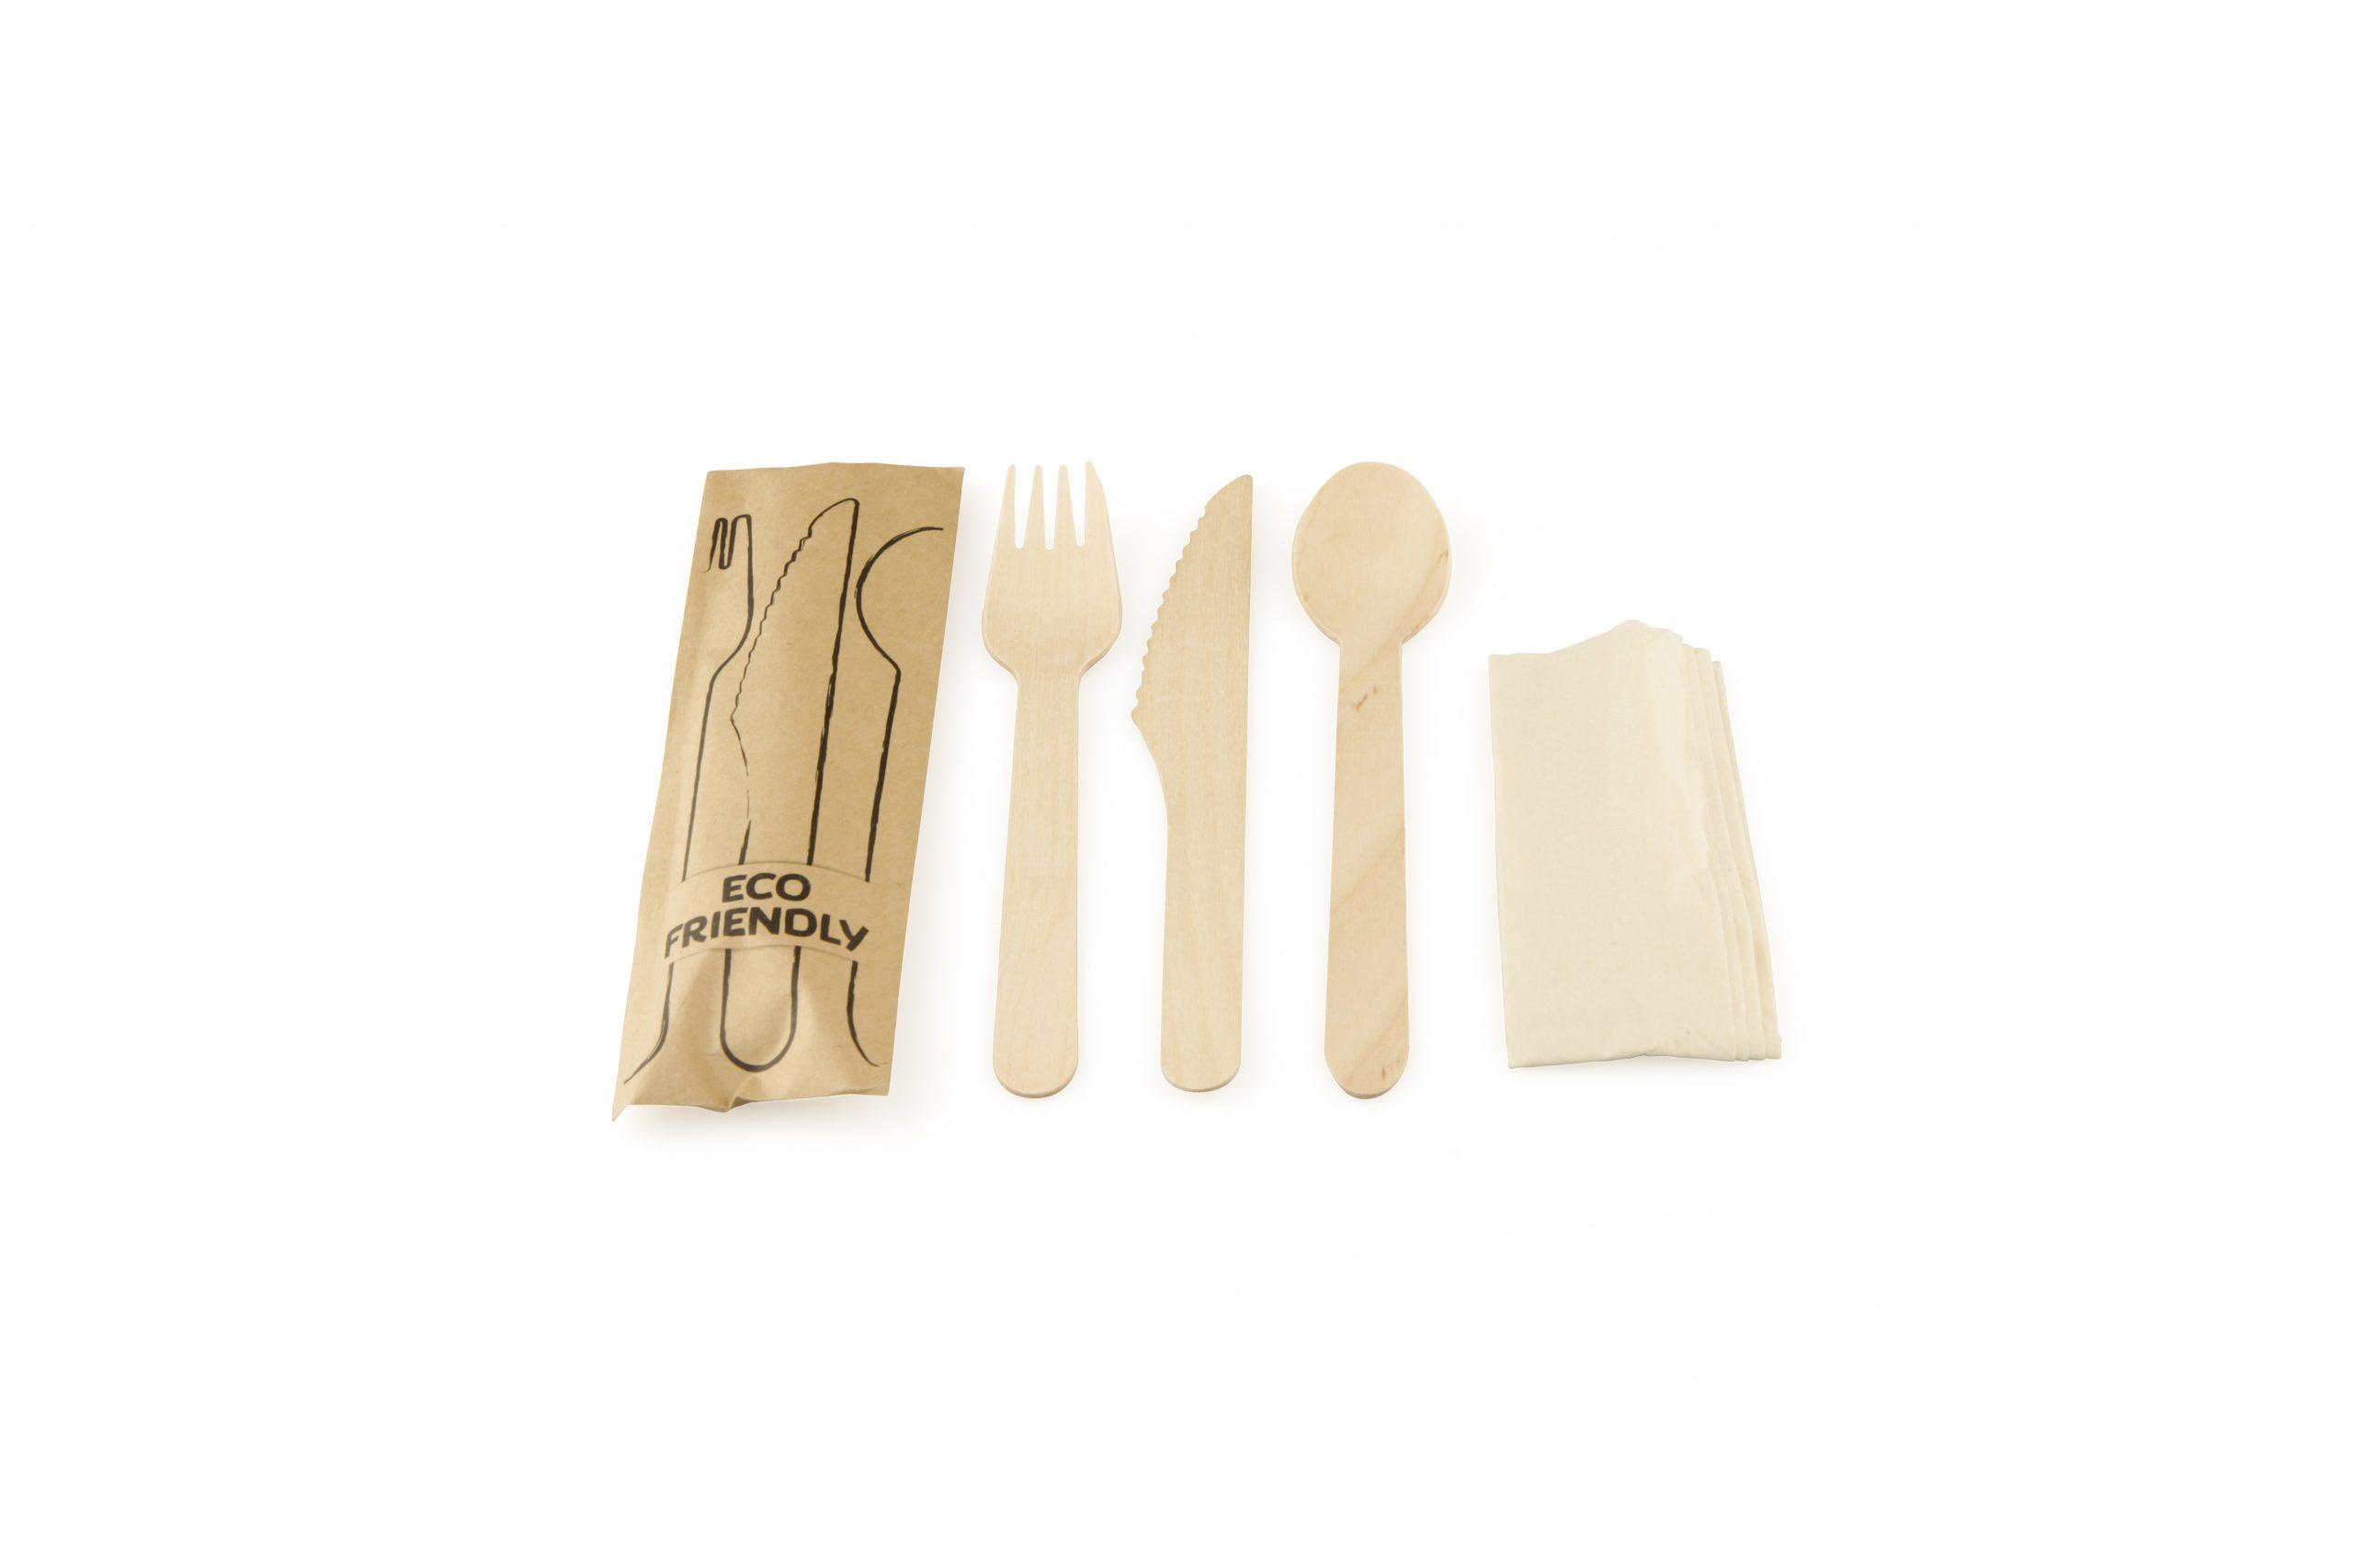 Bestekset vork mes lepel FSC® hout Sier Disposables